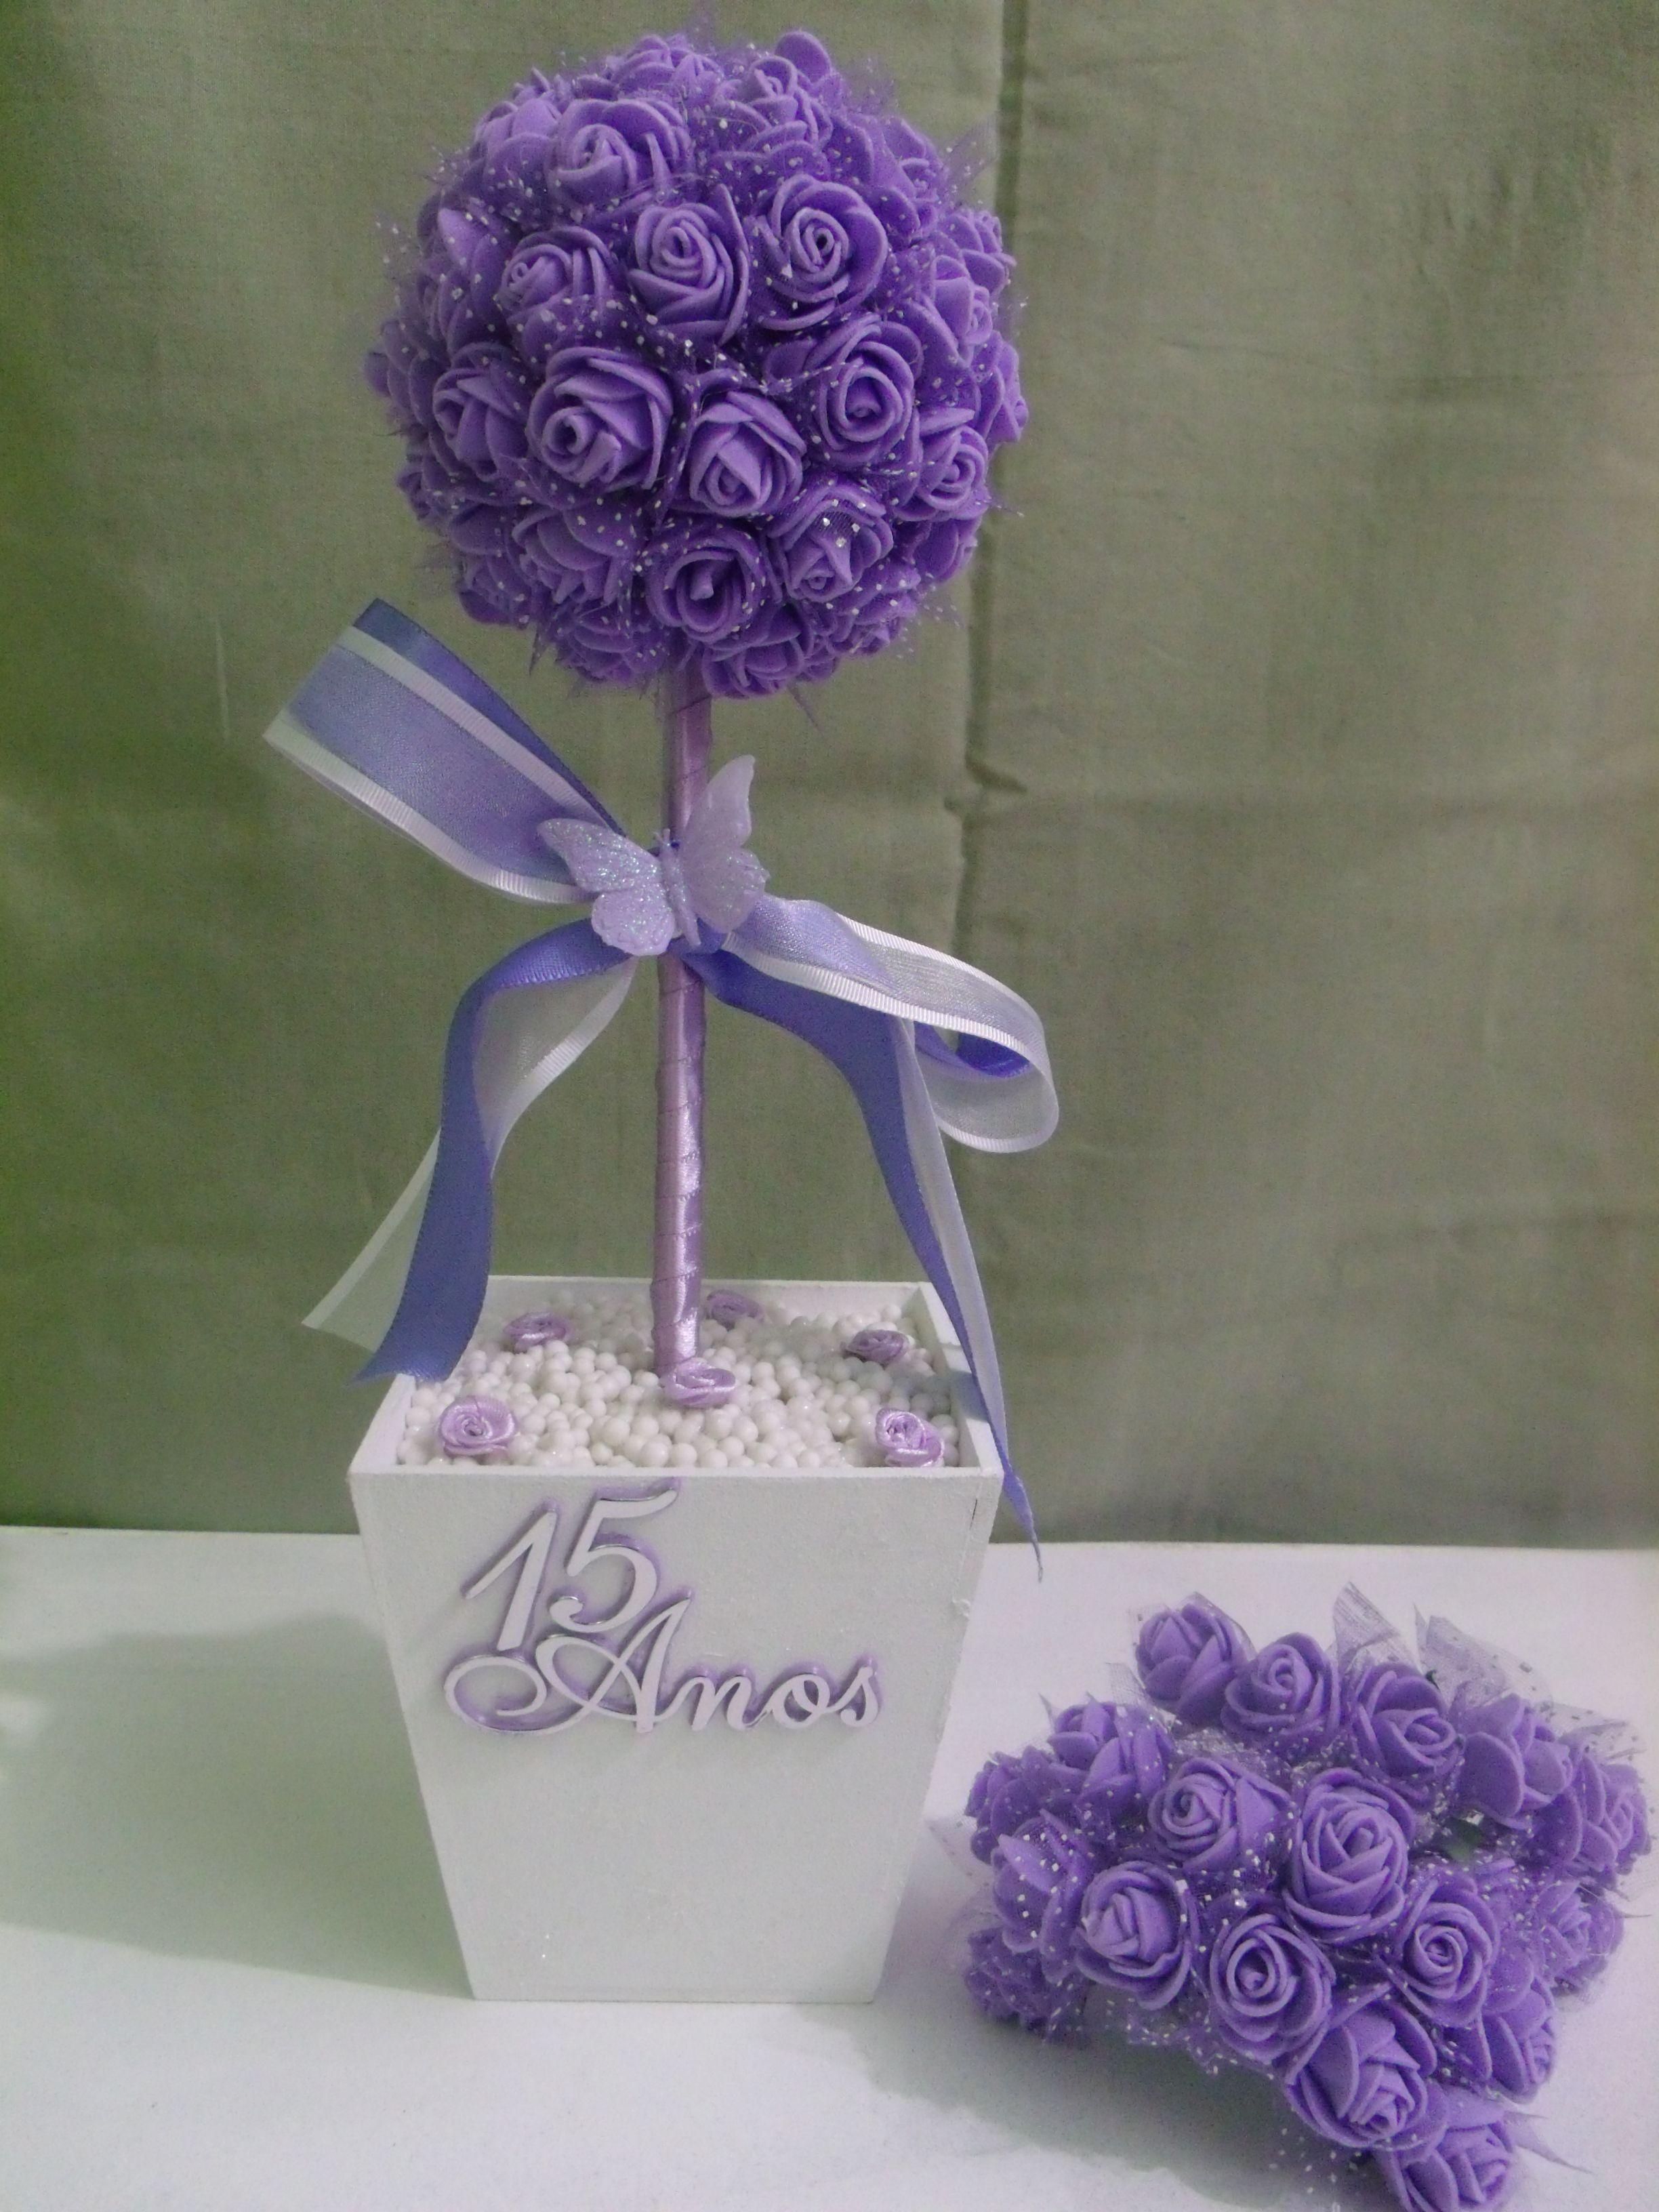 centro de mesa para aniversario 15 anos - Pesquisa Google | Flores  artesanato, Decoração aniversário 15 anos, Flor de tecido